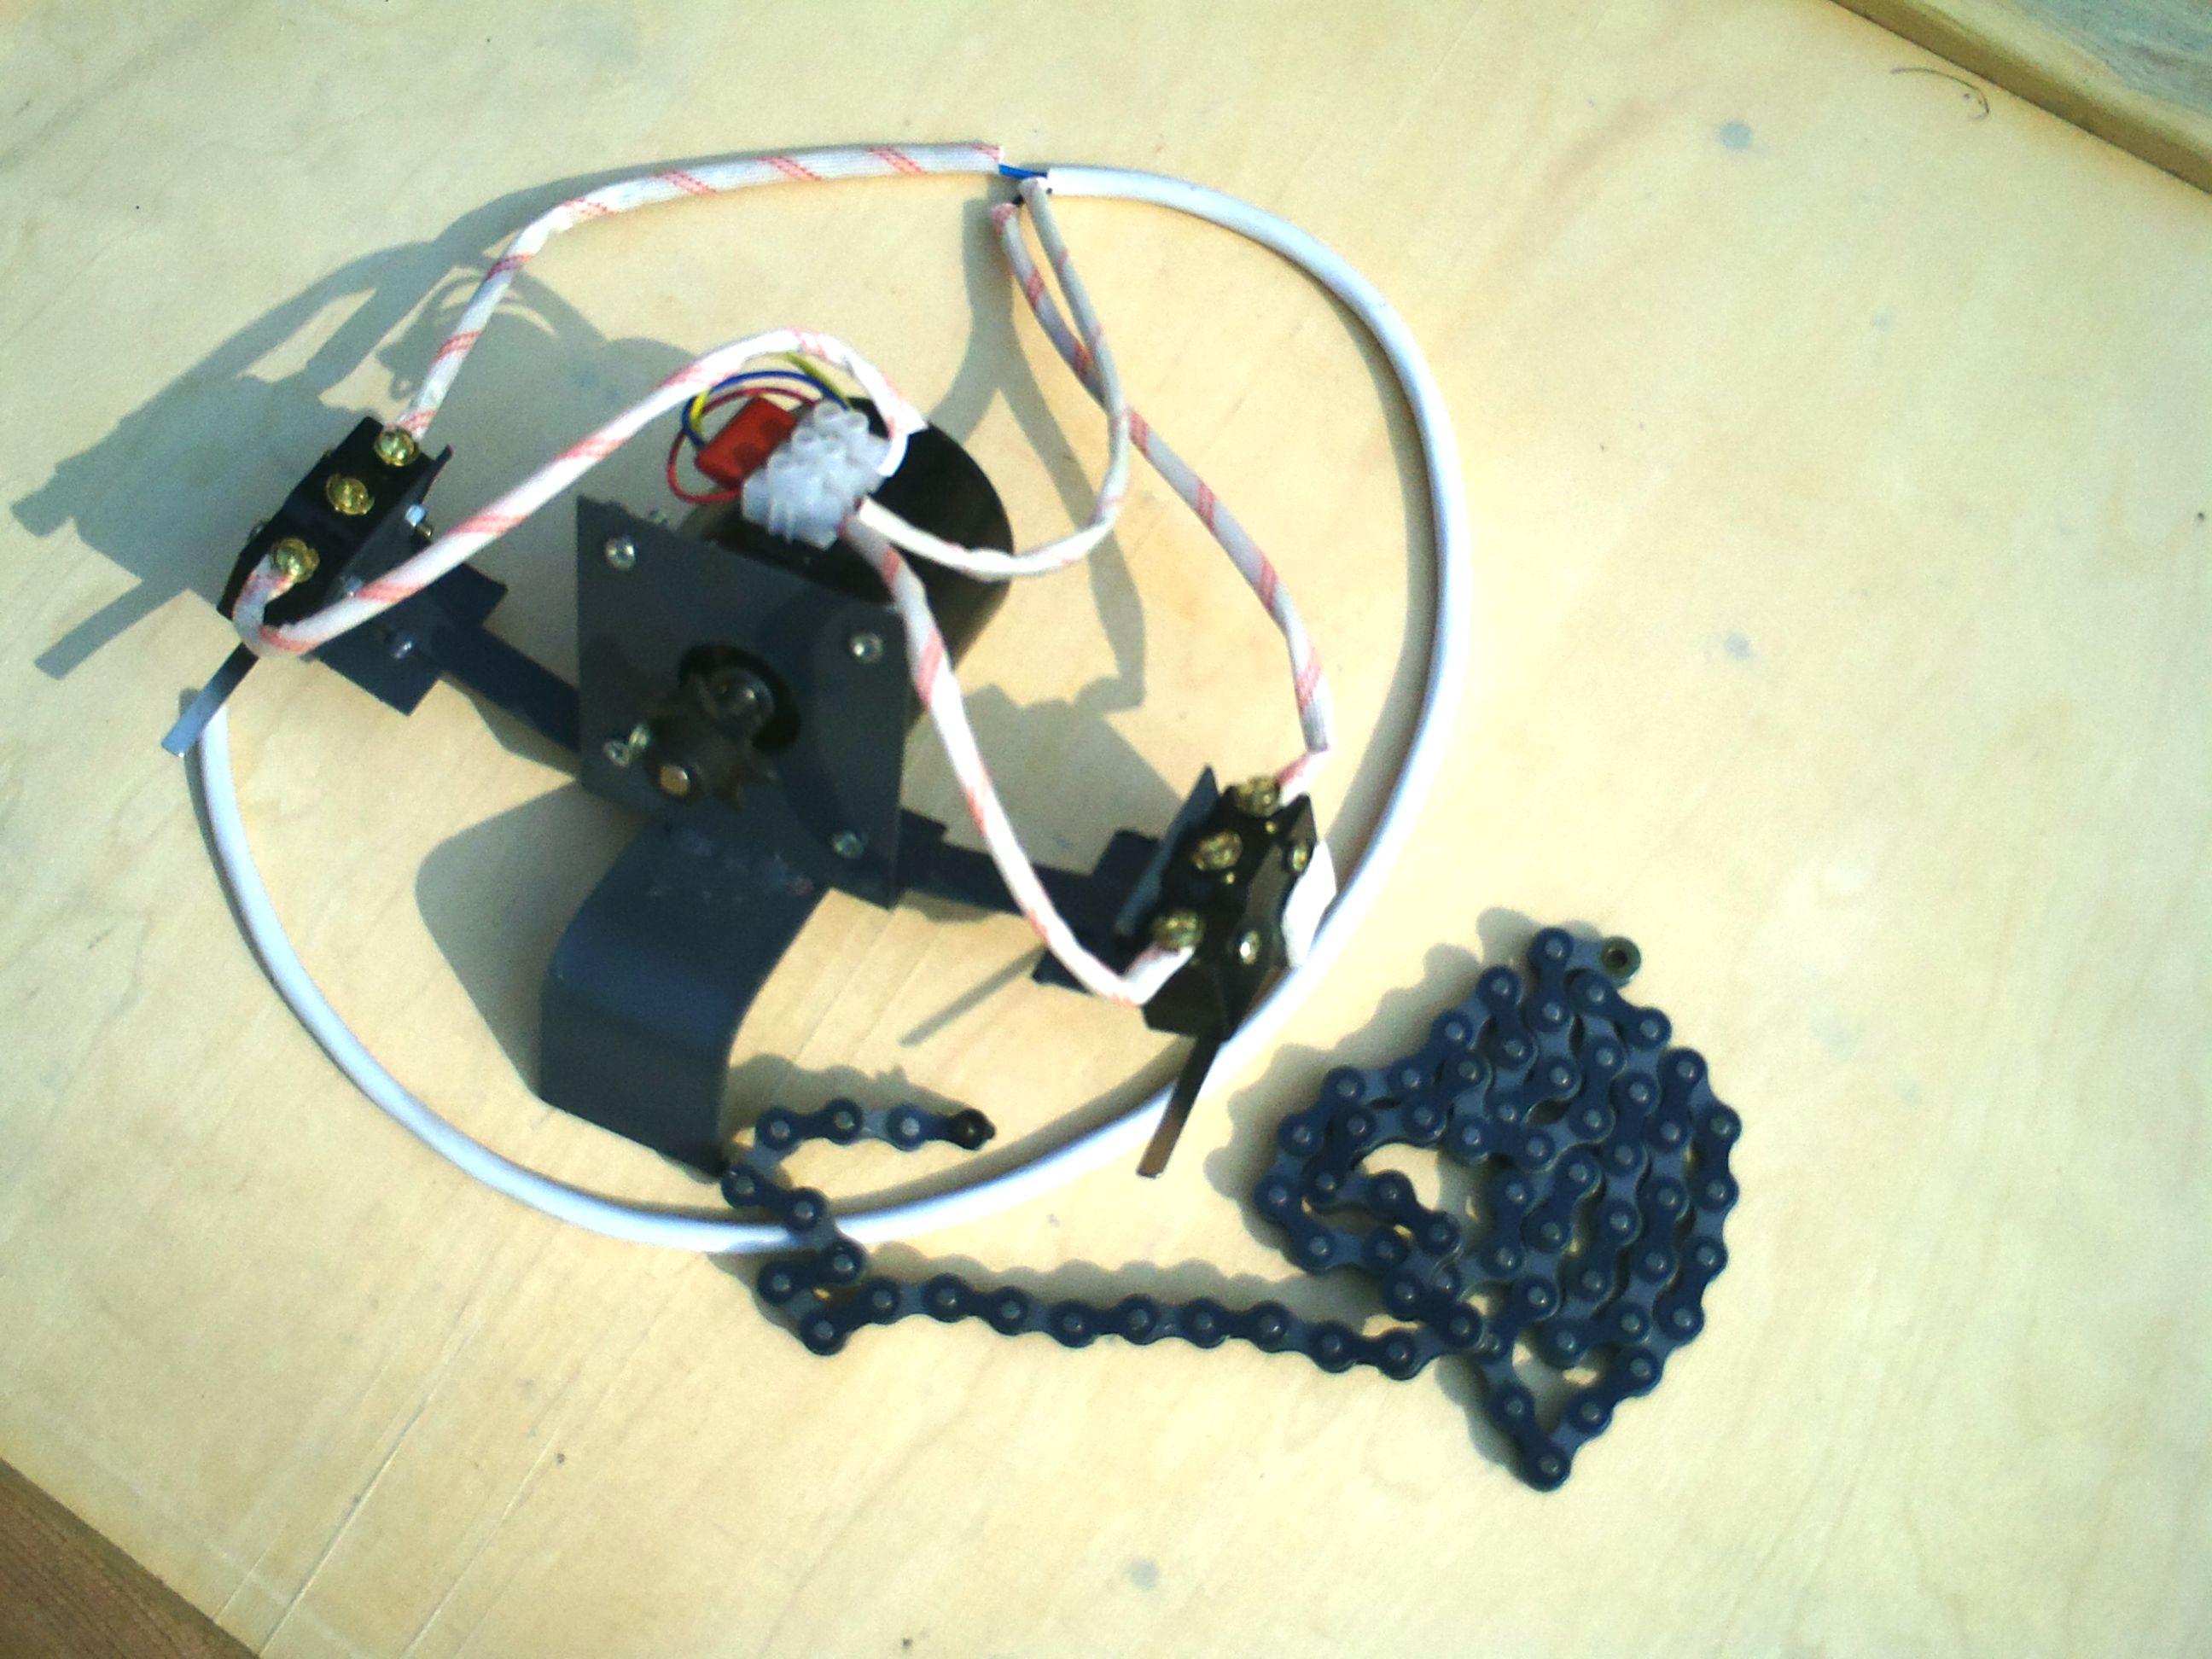 Золотой пакет машина систем Санта аксессуары пакет яйцо Тернер инкубатор штриховкой цепи выключателя мотор инкубационное яйцо от Kupinatao